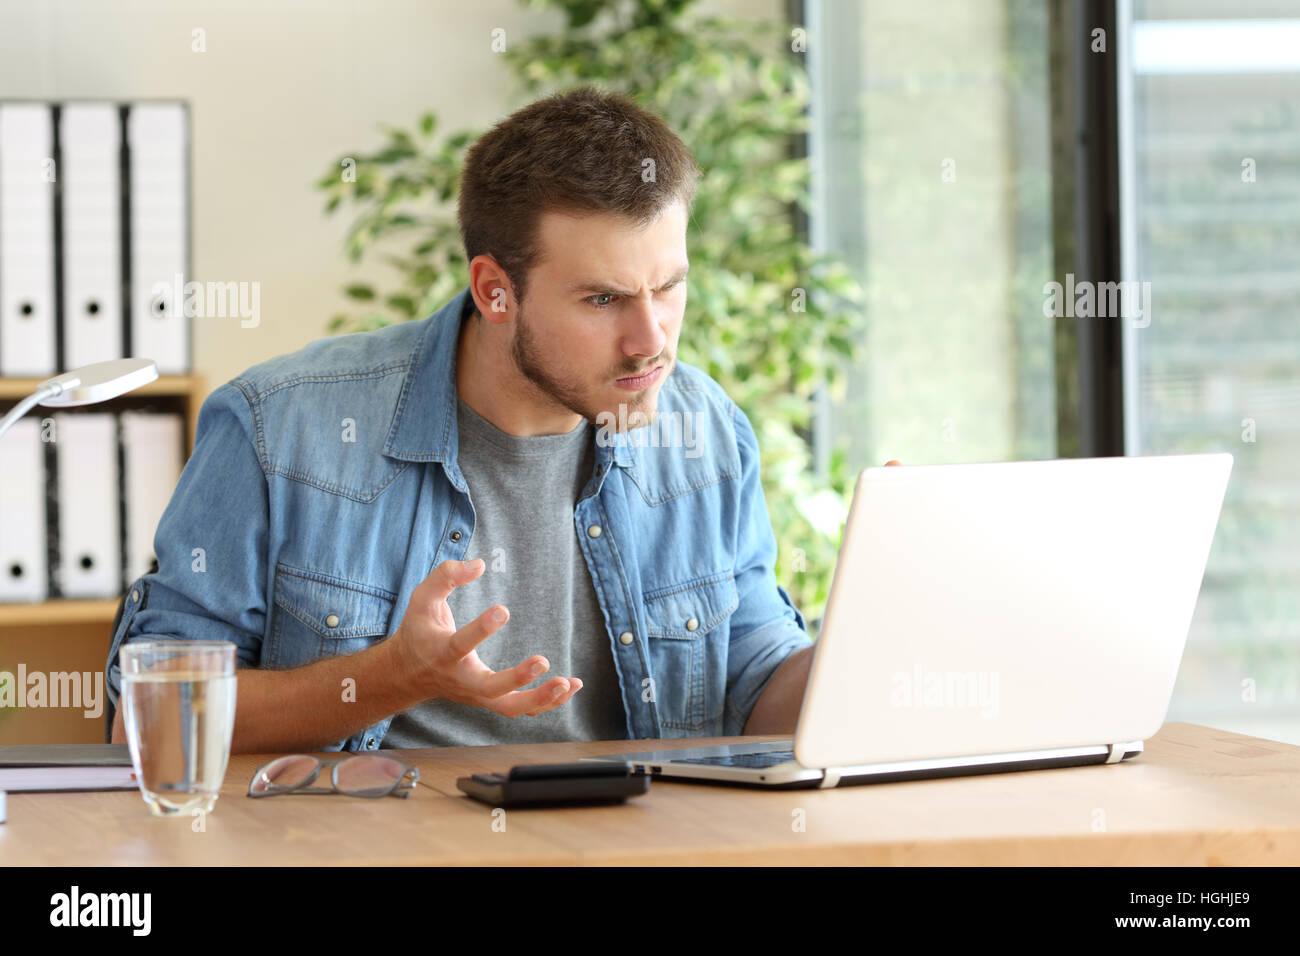 Enojado profesional freelance teniendo problemas en línea con un ordenador portátil en un escritorio junto Imagen De Stock